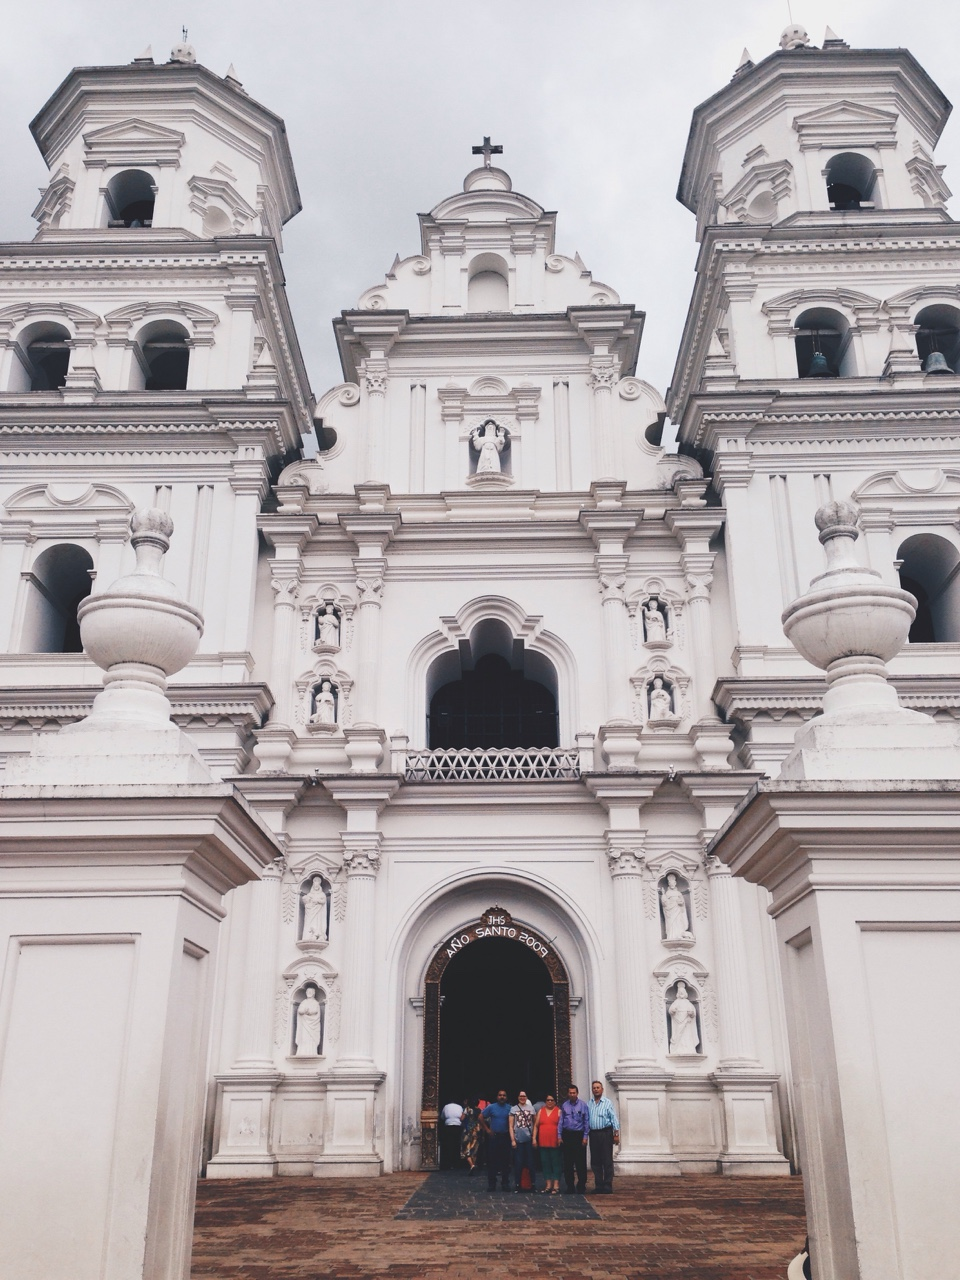 """Por más de 400 años, la Basilica de Esquipulas, Guatemala ha visto miles de milagros y generaciones de mi familia pasar por sus puertas. El milagro más grande que mi pequeña alma de 29 años ha sentido fue la calma brisita de mis antecedentes saludándome, """"Bienvenidos, Yita.""""   For over 400 years, the Cathedral of Esquipulas, Guatemala has seen thousands of miracles and generations of my family pass through its' doors. The biggest miracle that my small 29 year old soul has witnessed was the small zephyr of my ancestors whispering, """"Welcome, Yita""""."""